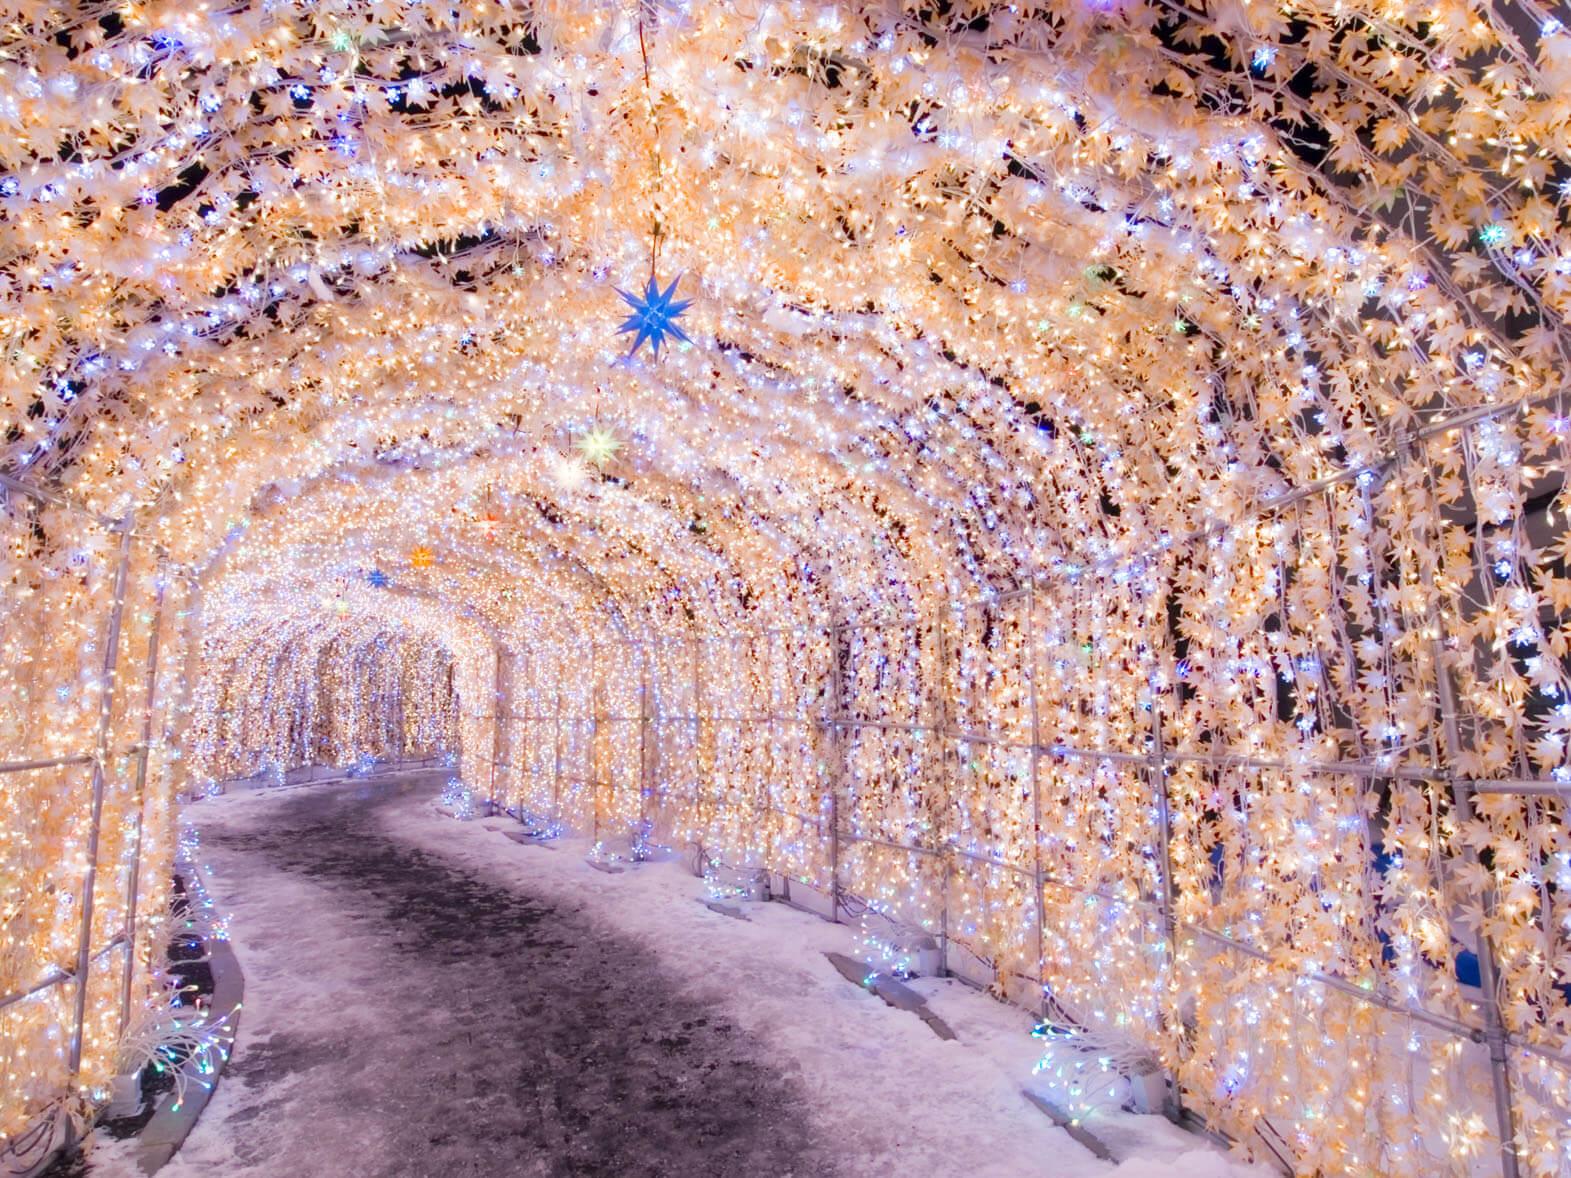 洞爺湖溫泉燈飾節:冬季的溫泉街